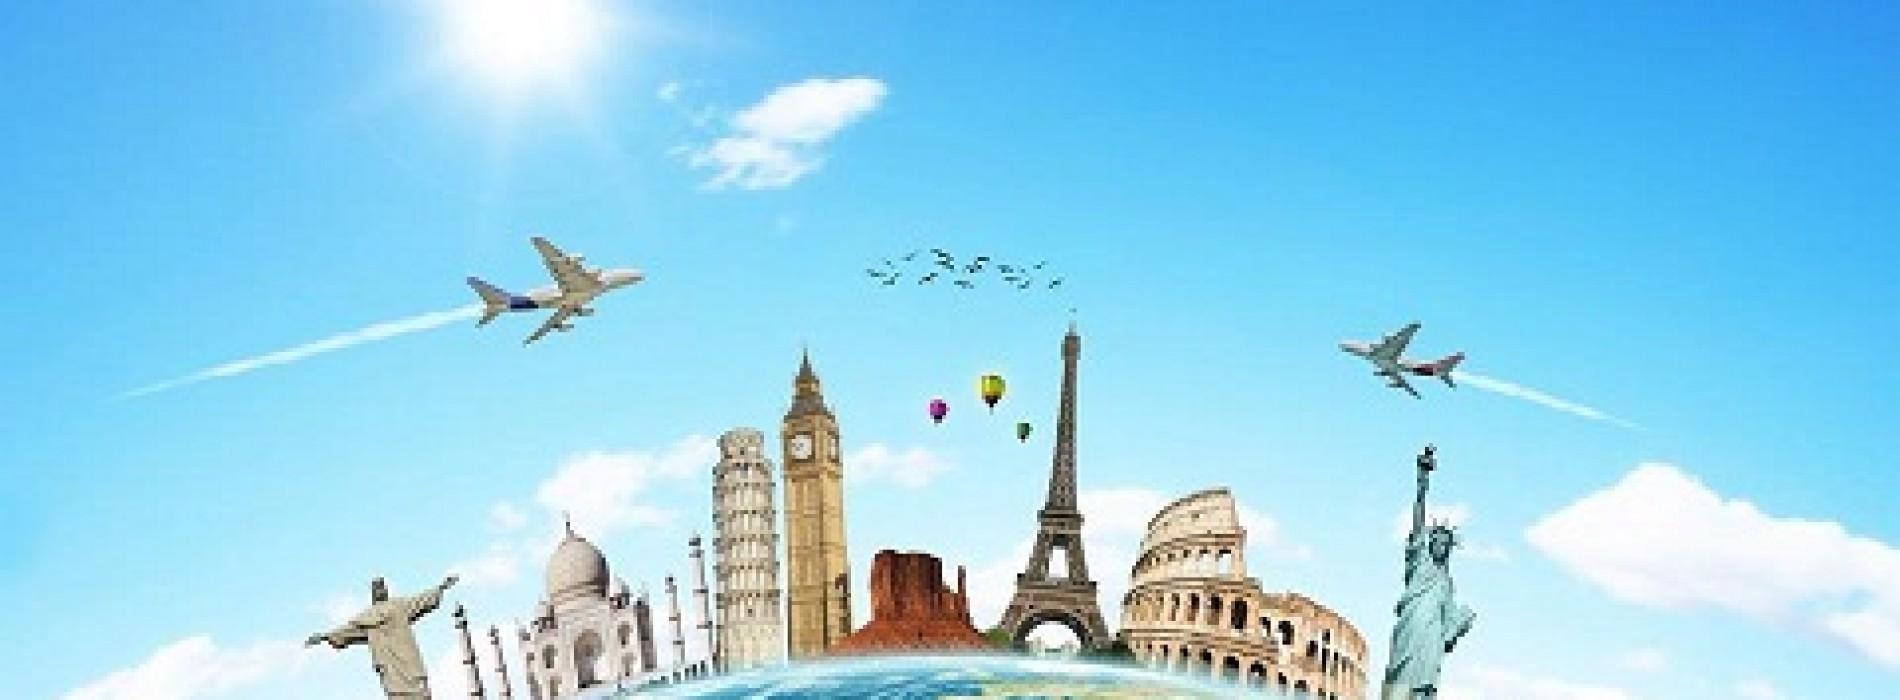 Vanzarile de pachete turistice ale TUI Travelcenter şi Eurolines au crescut cu 113% in primul trimes